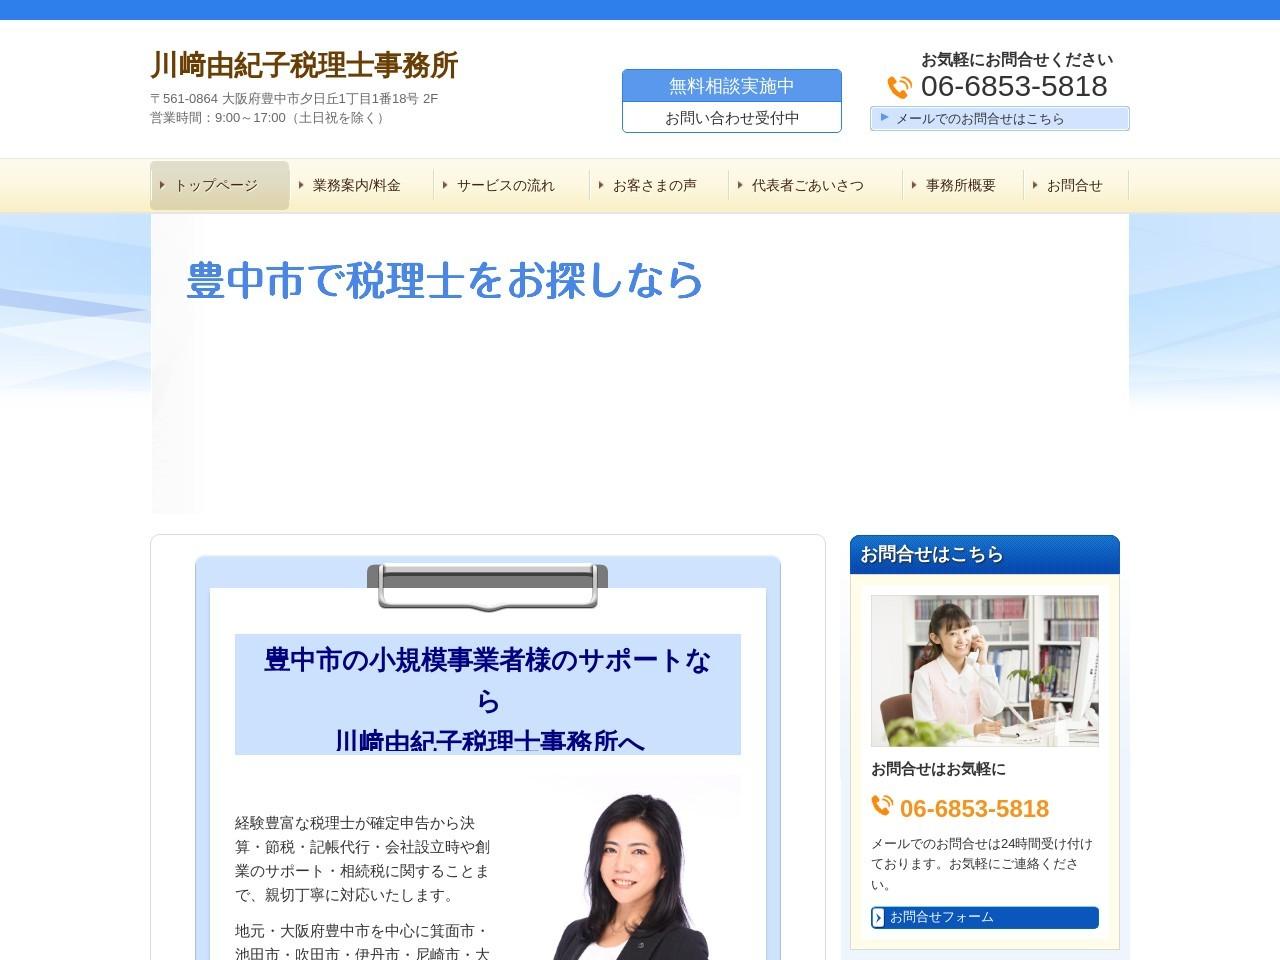 川崎由紀子税理士事務所